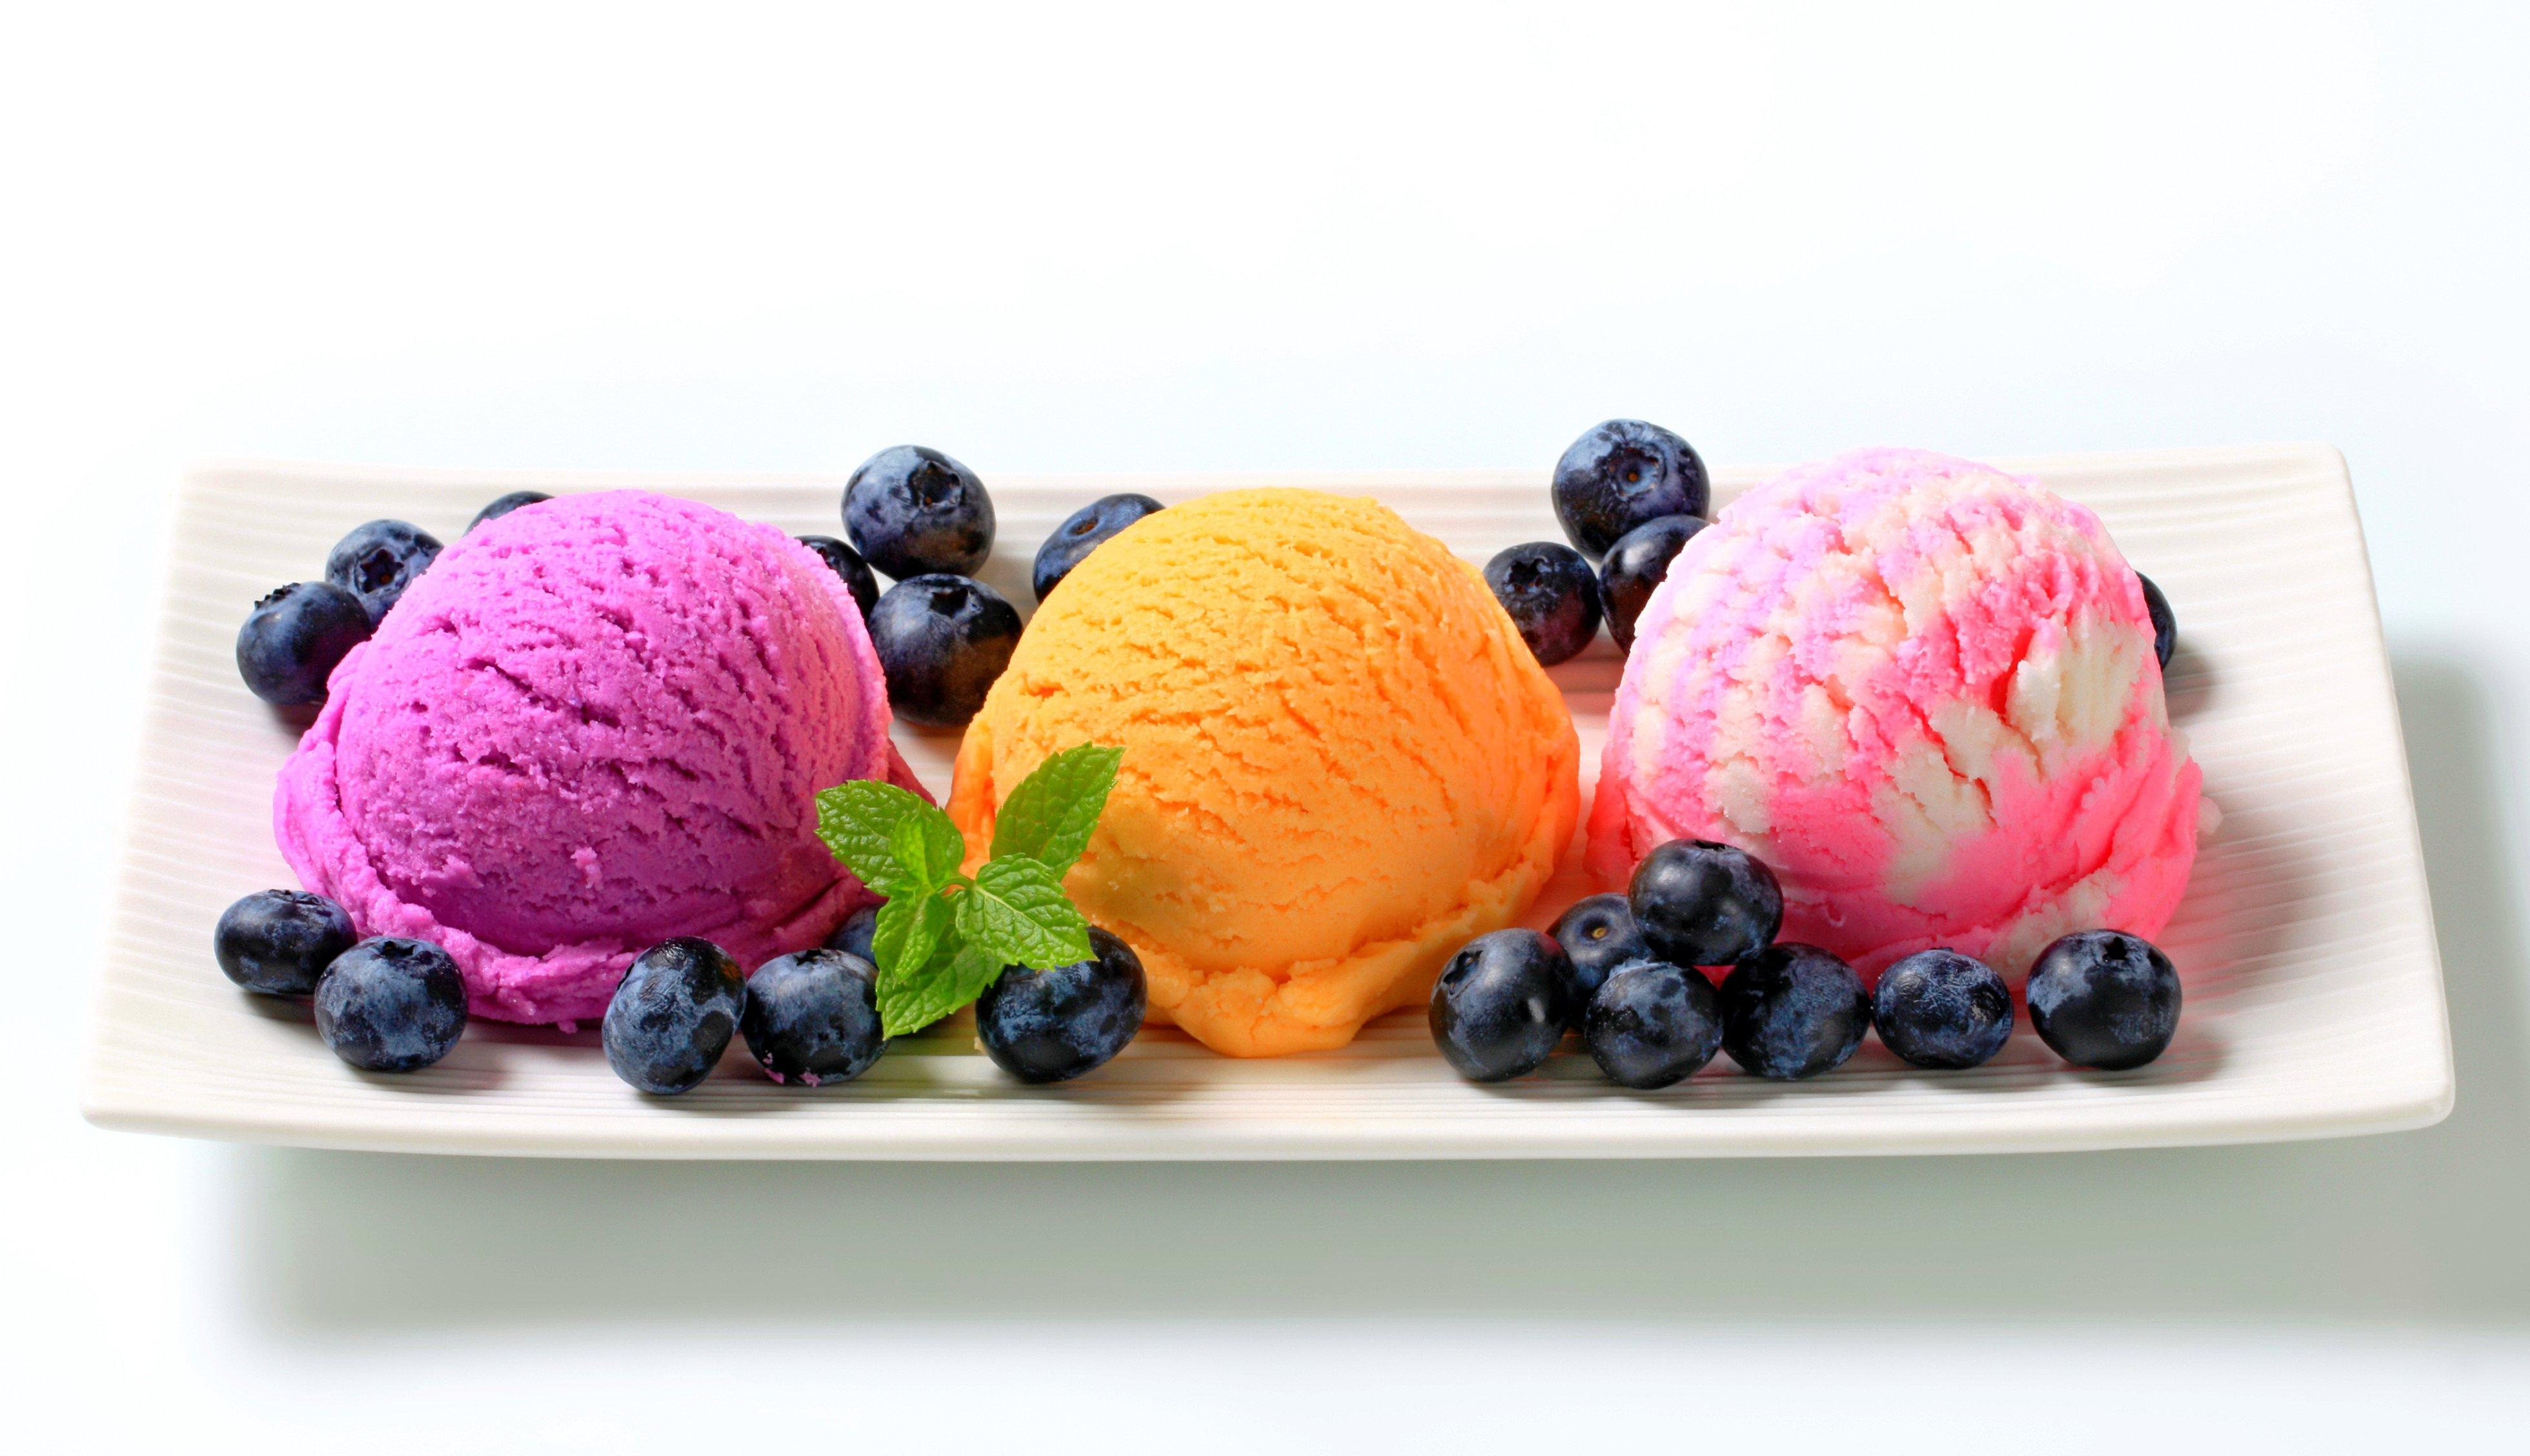 בר גלידות מתוקים לאירועים